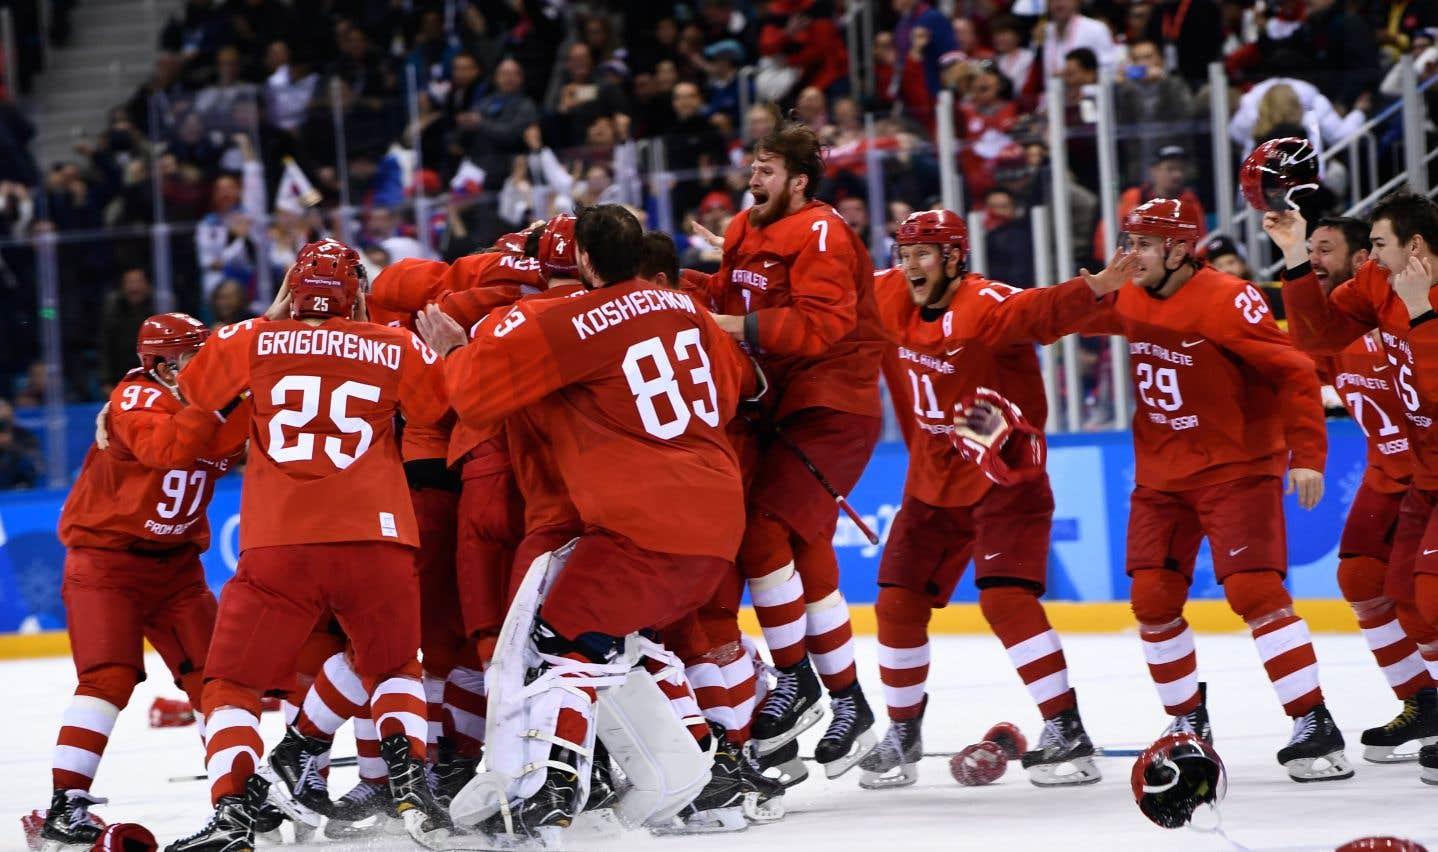 L'équipe des Athlètes olympiques de la Russie célèbre sa victoire, dimanche.